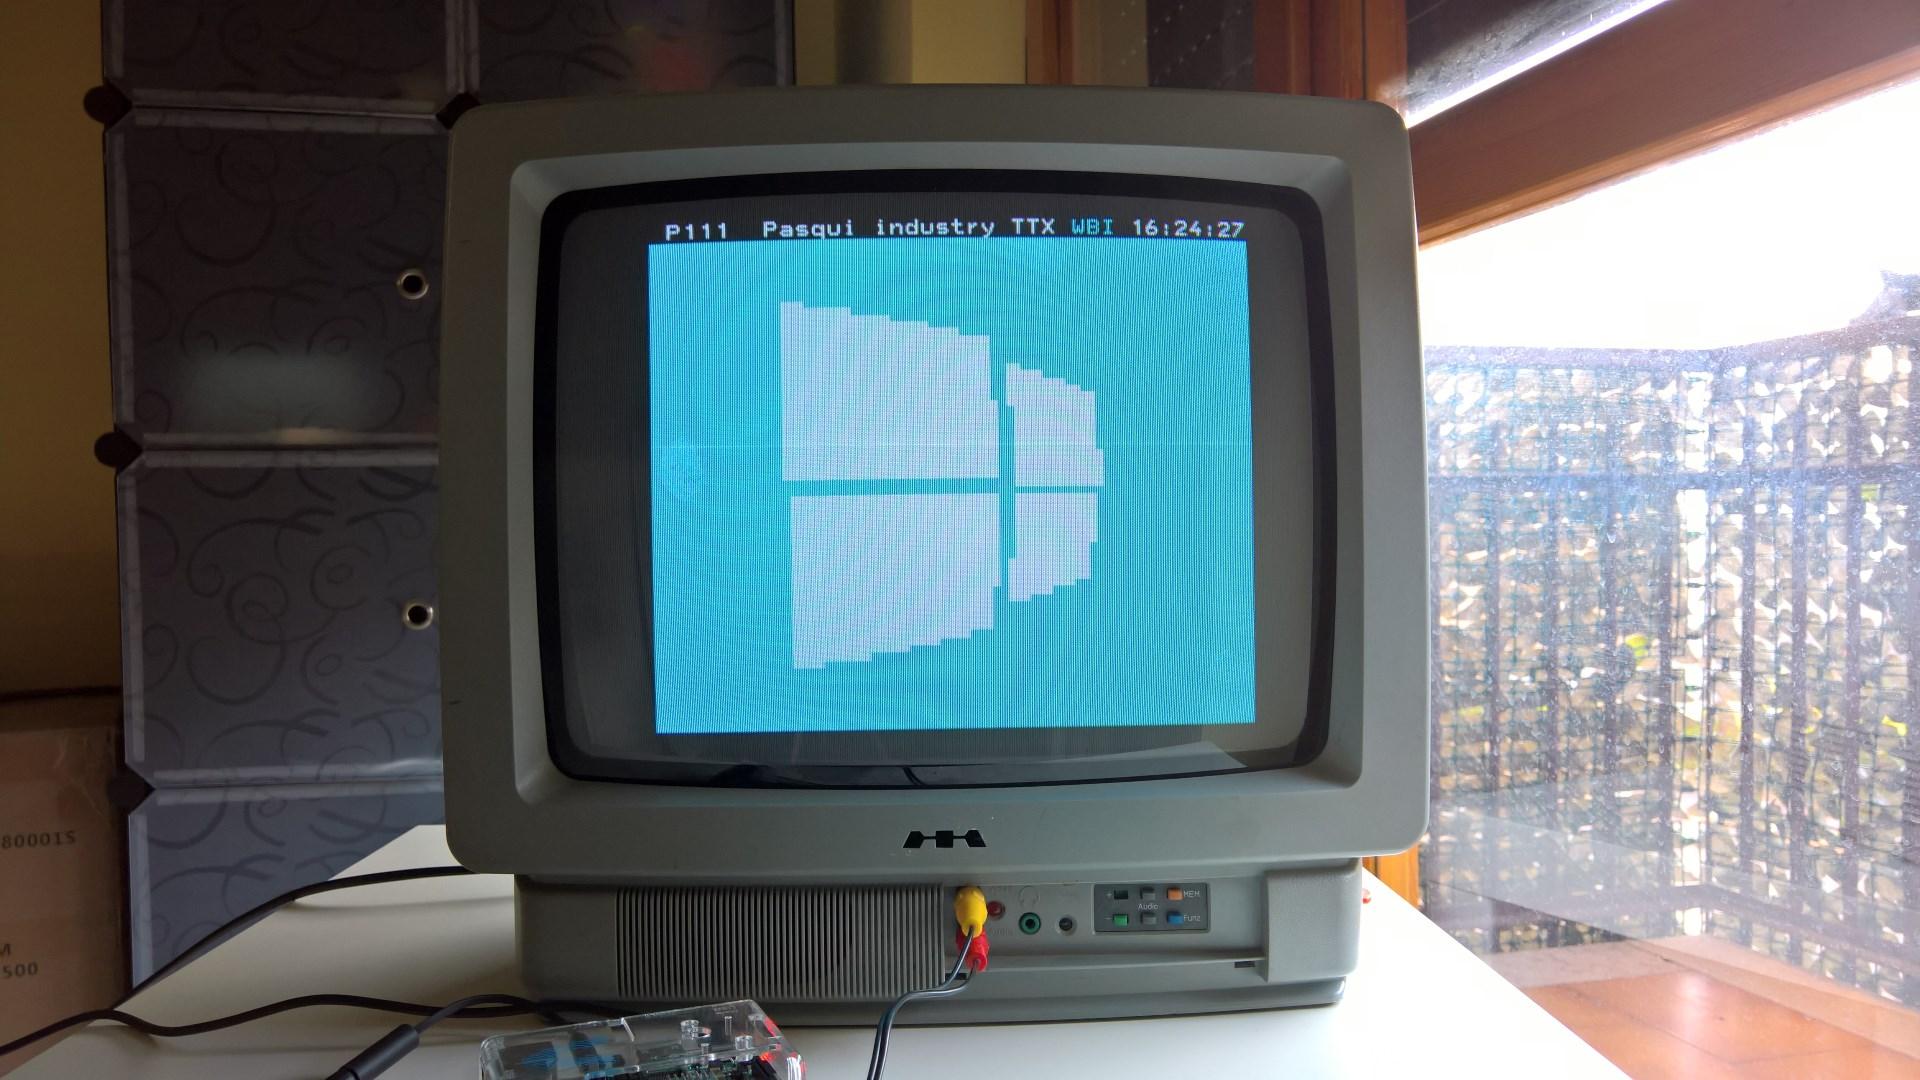 Installare Windows 10 nella televisione